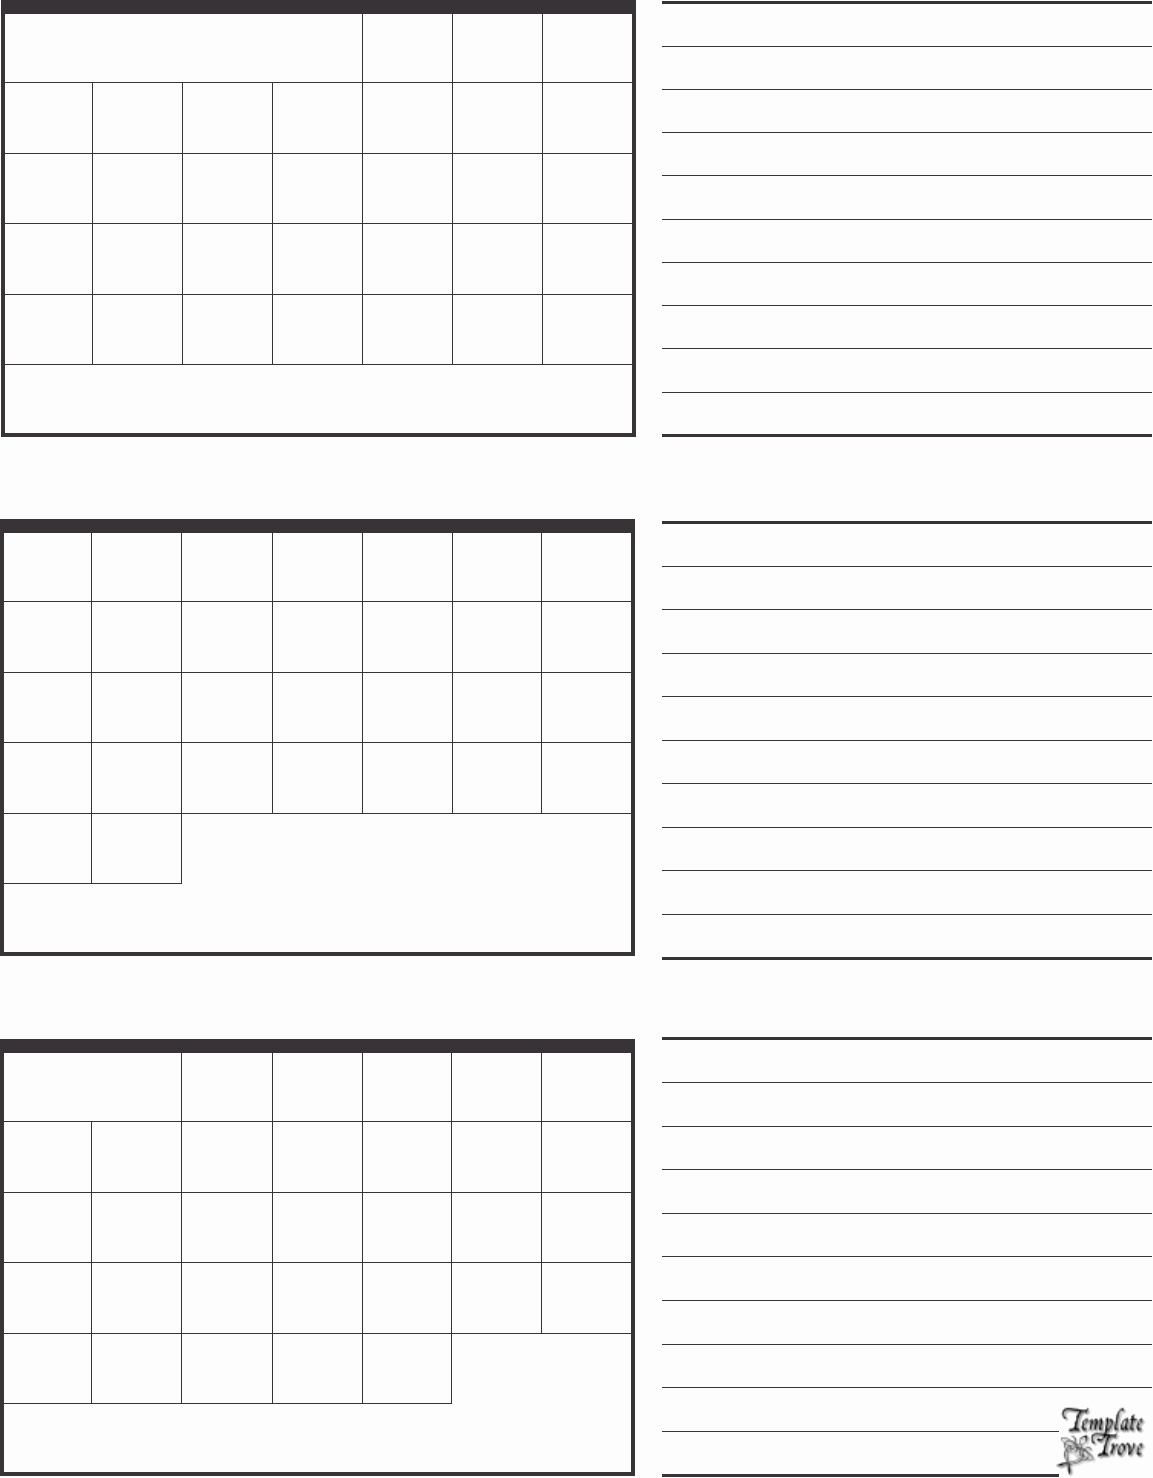 Blank 3 Month Calendar Template | Template Calendar Printable for 3 Month Printable Calendar Template